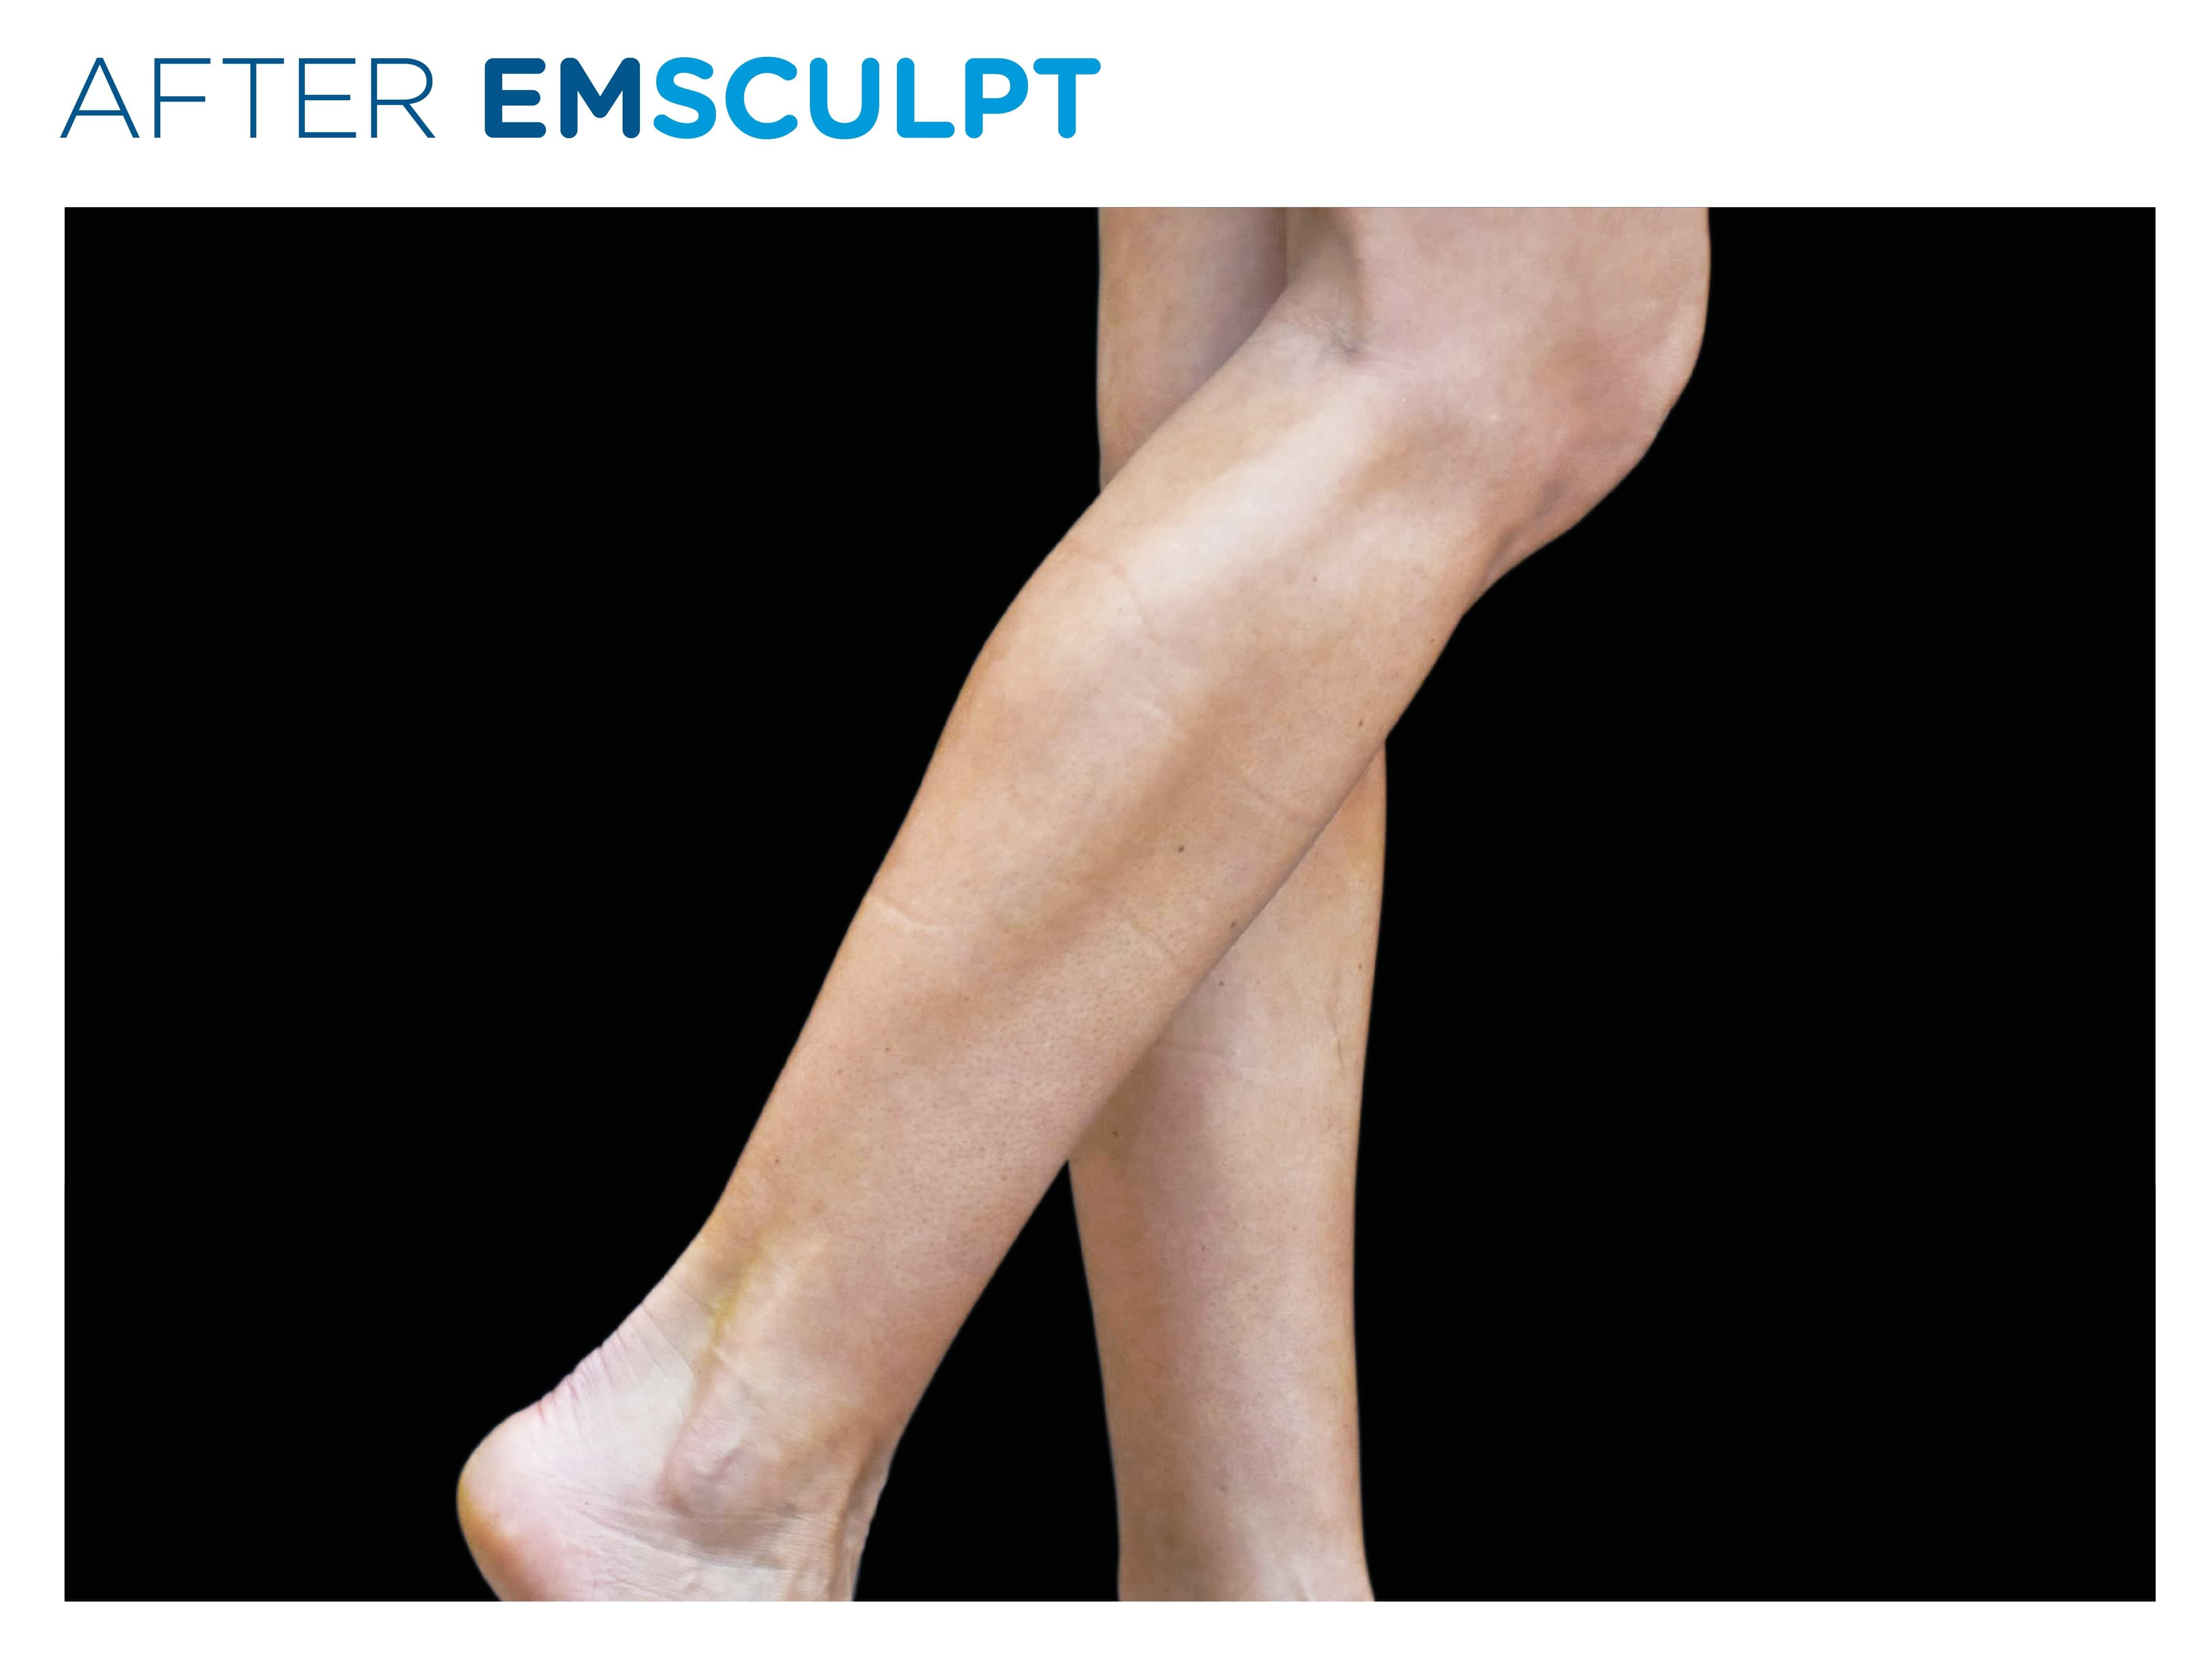 EMSculpt in London